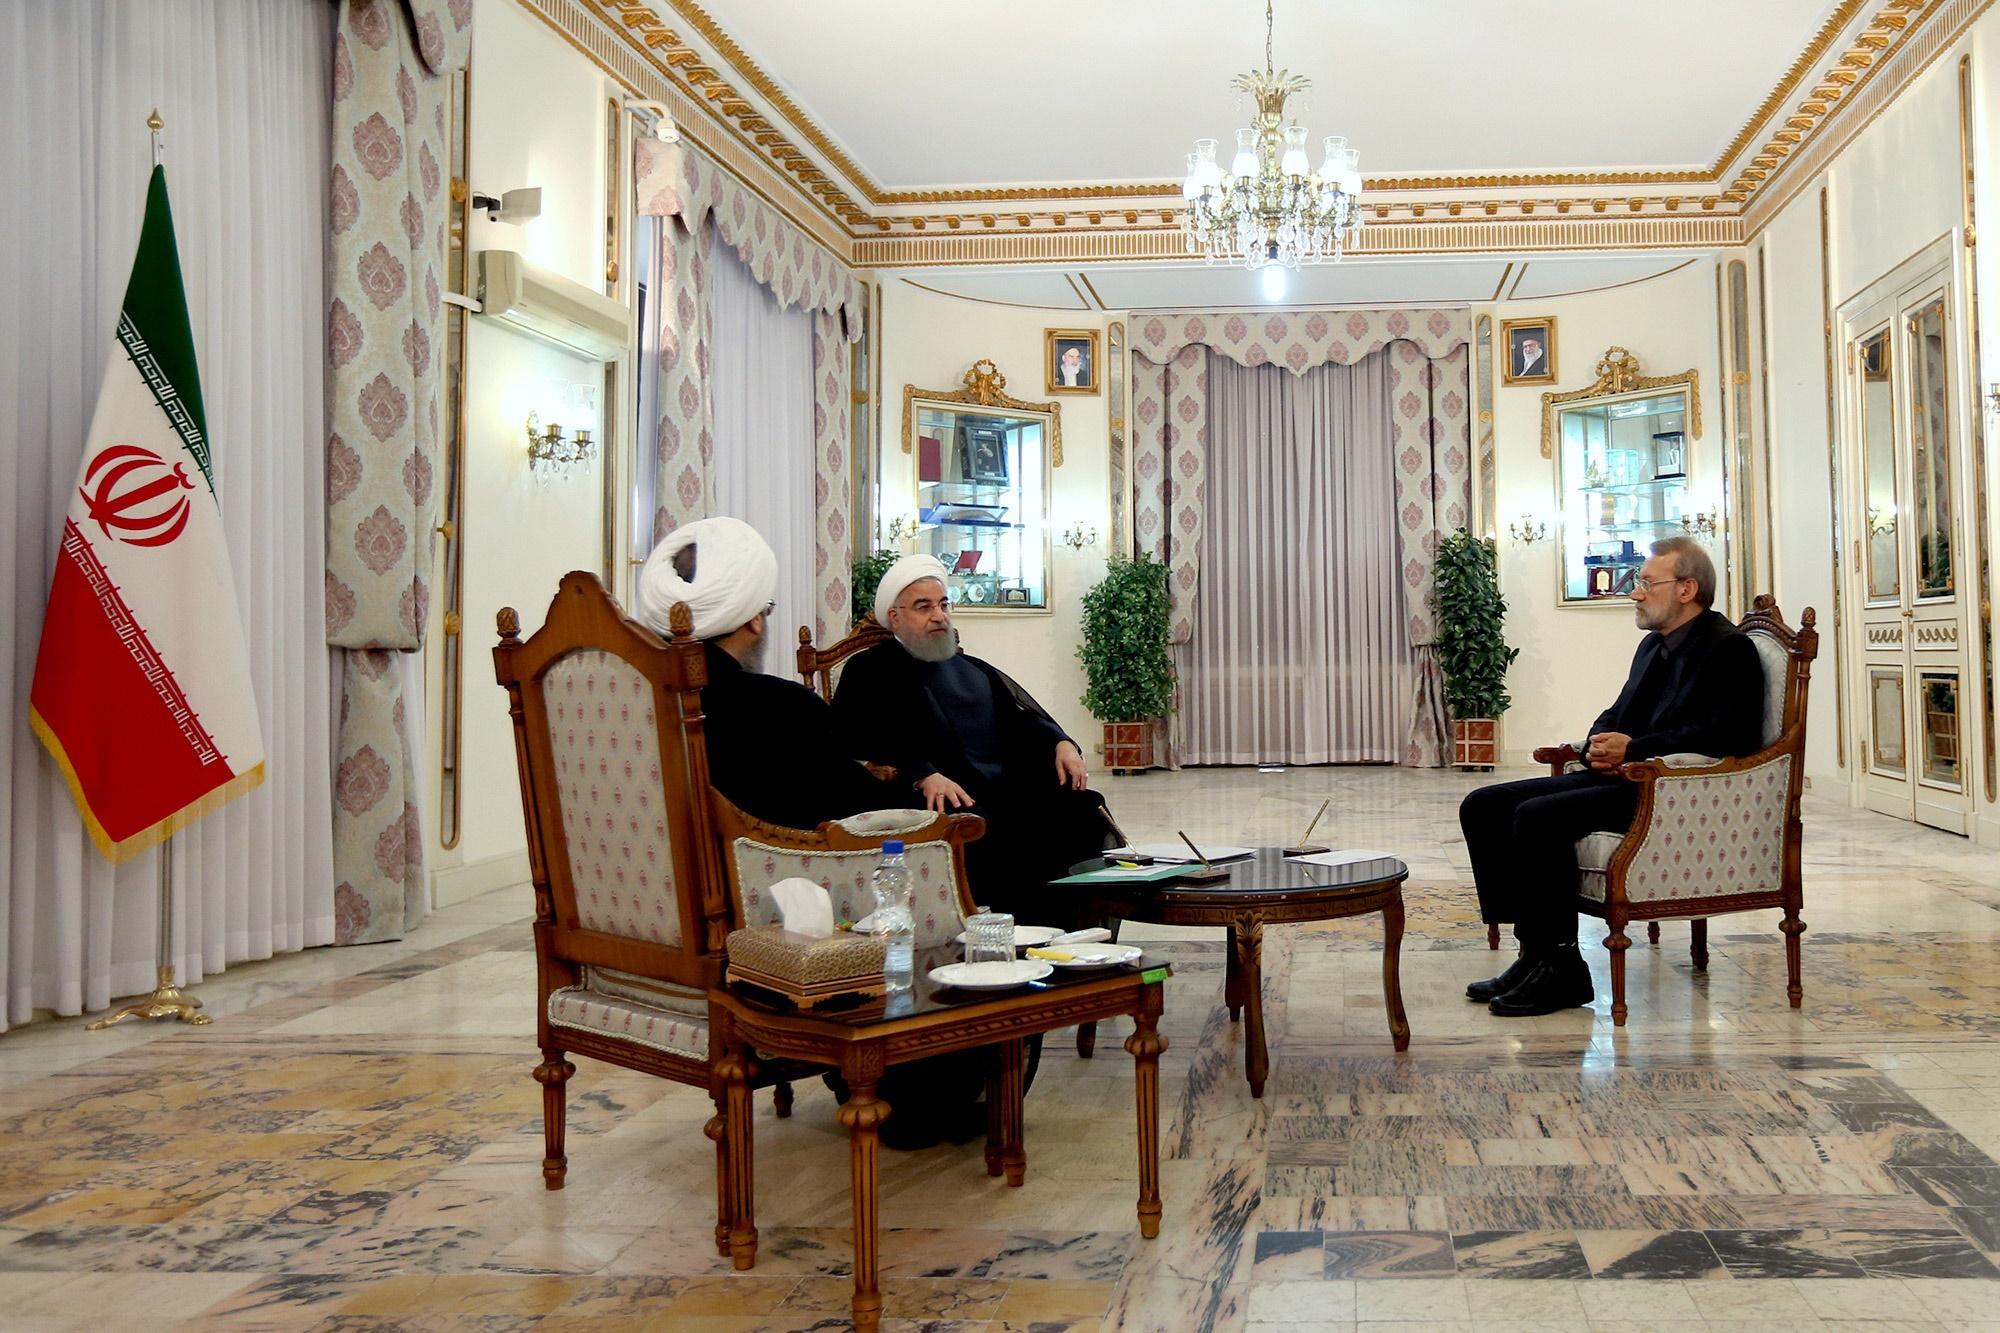 تصاویر | جلسه سران سه قوه با موضوع مهمترین مسائل کشور و منطقه